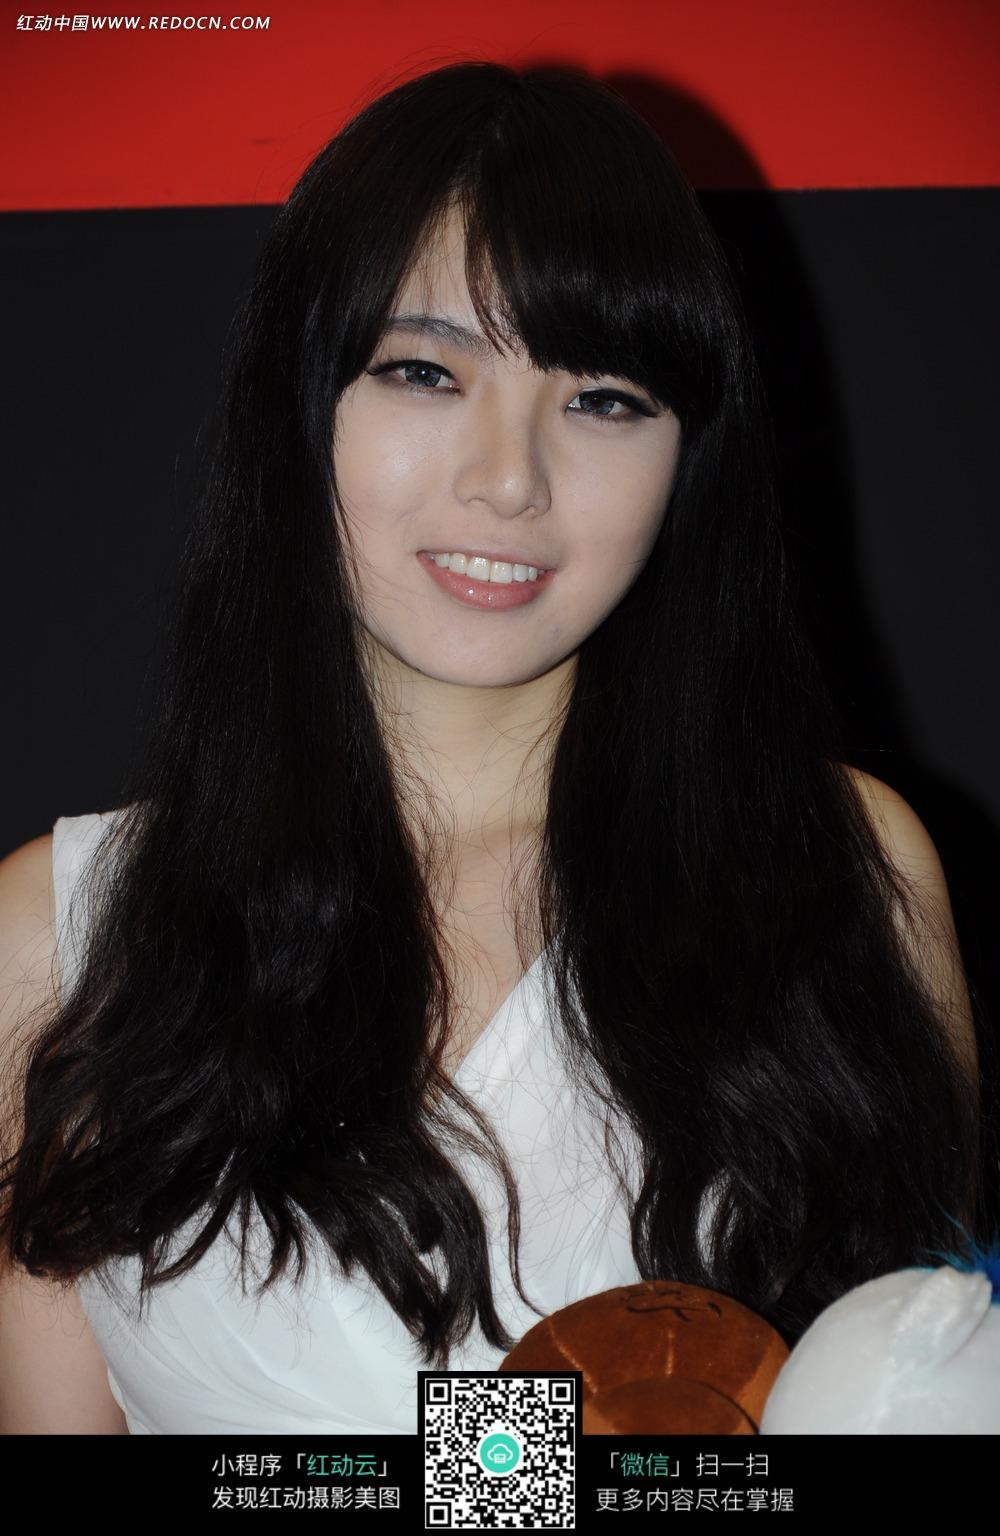 黑色长卷发的美女大头照图片